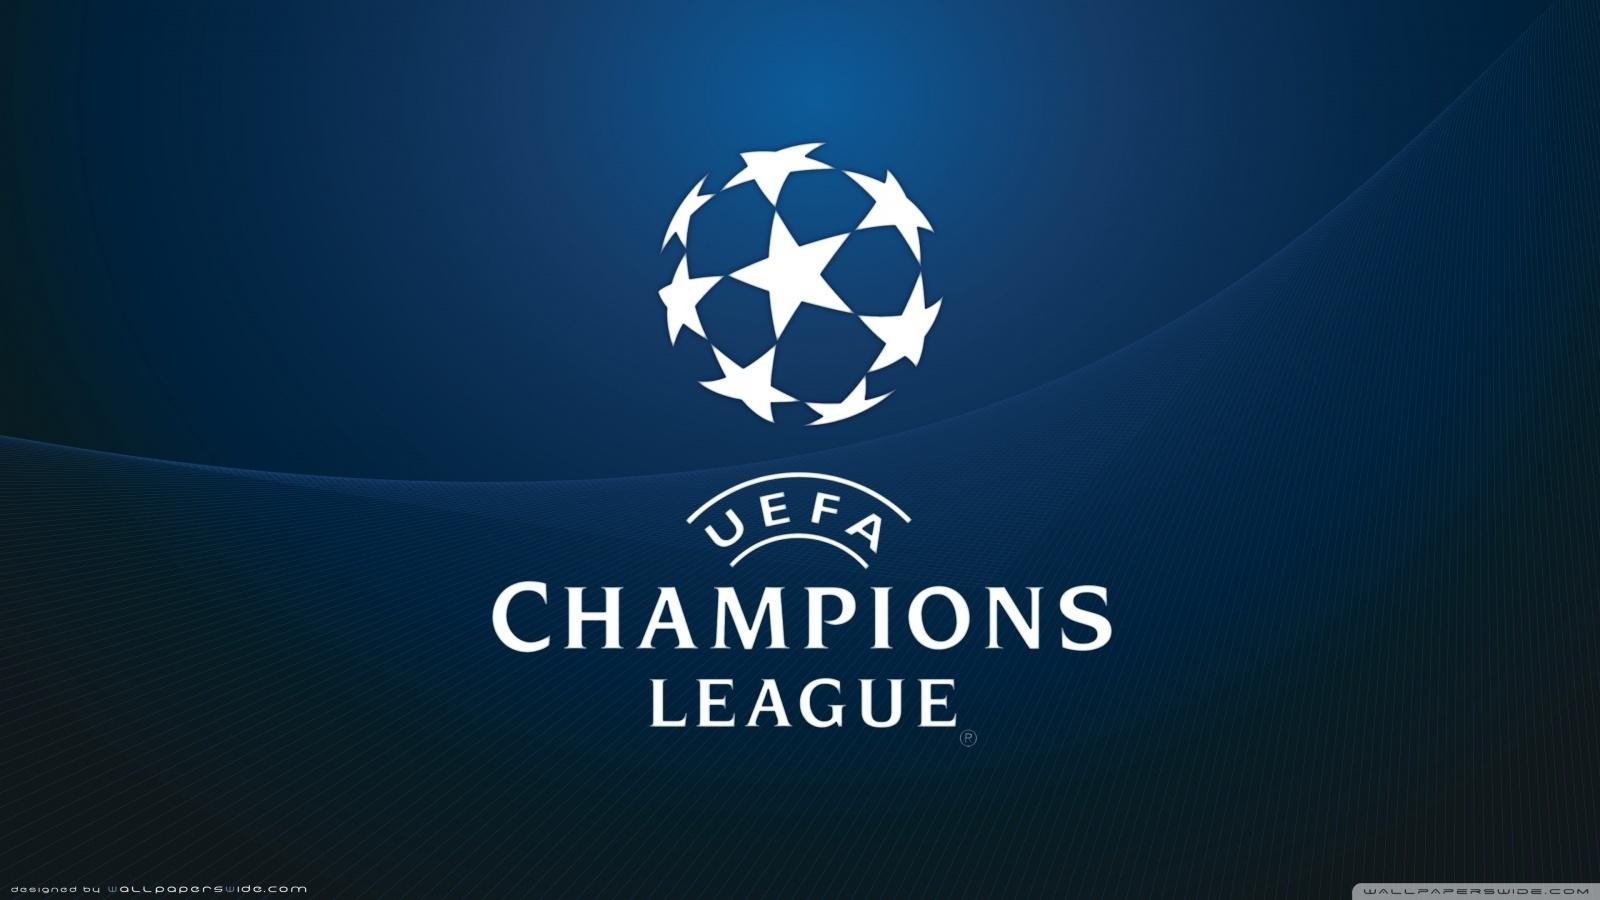 uefa champions league-wallpaper-1600x900 - 10 000 fonds d'écran hd